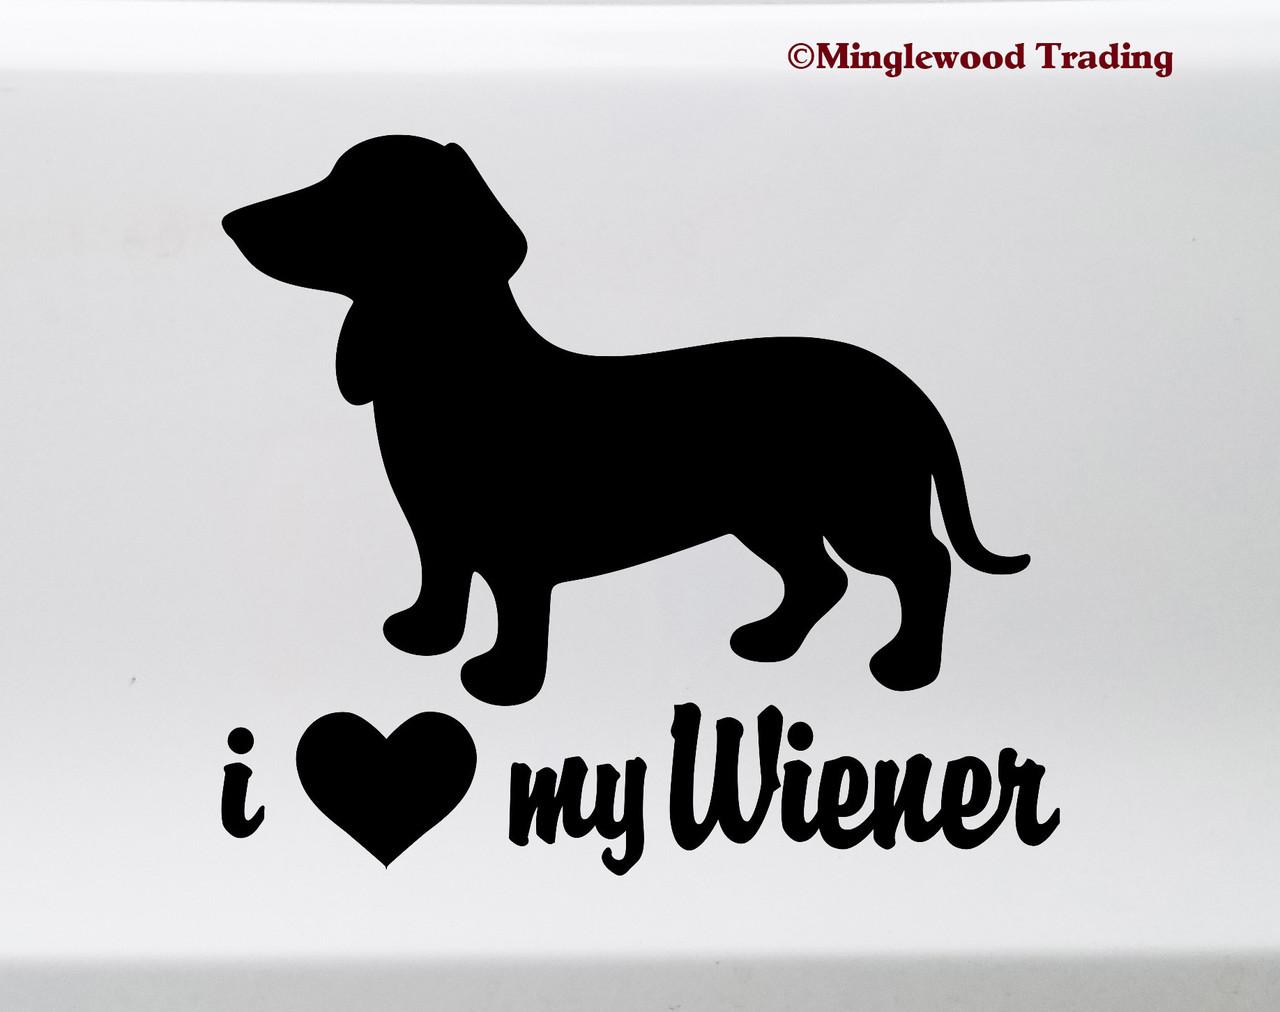 I Love My Wiener Vinyl Sticker - Dachshund Heart Doxie Dog Puppy - Die Cut Decal